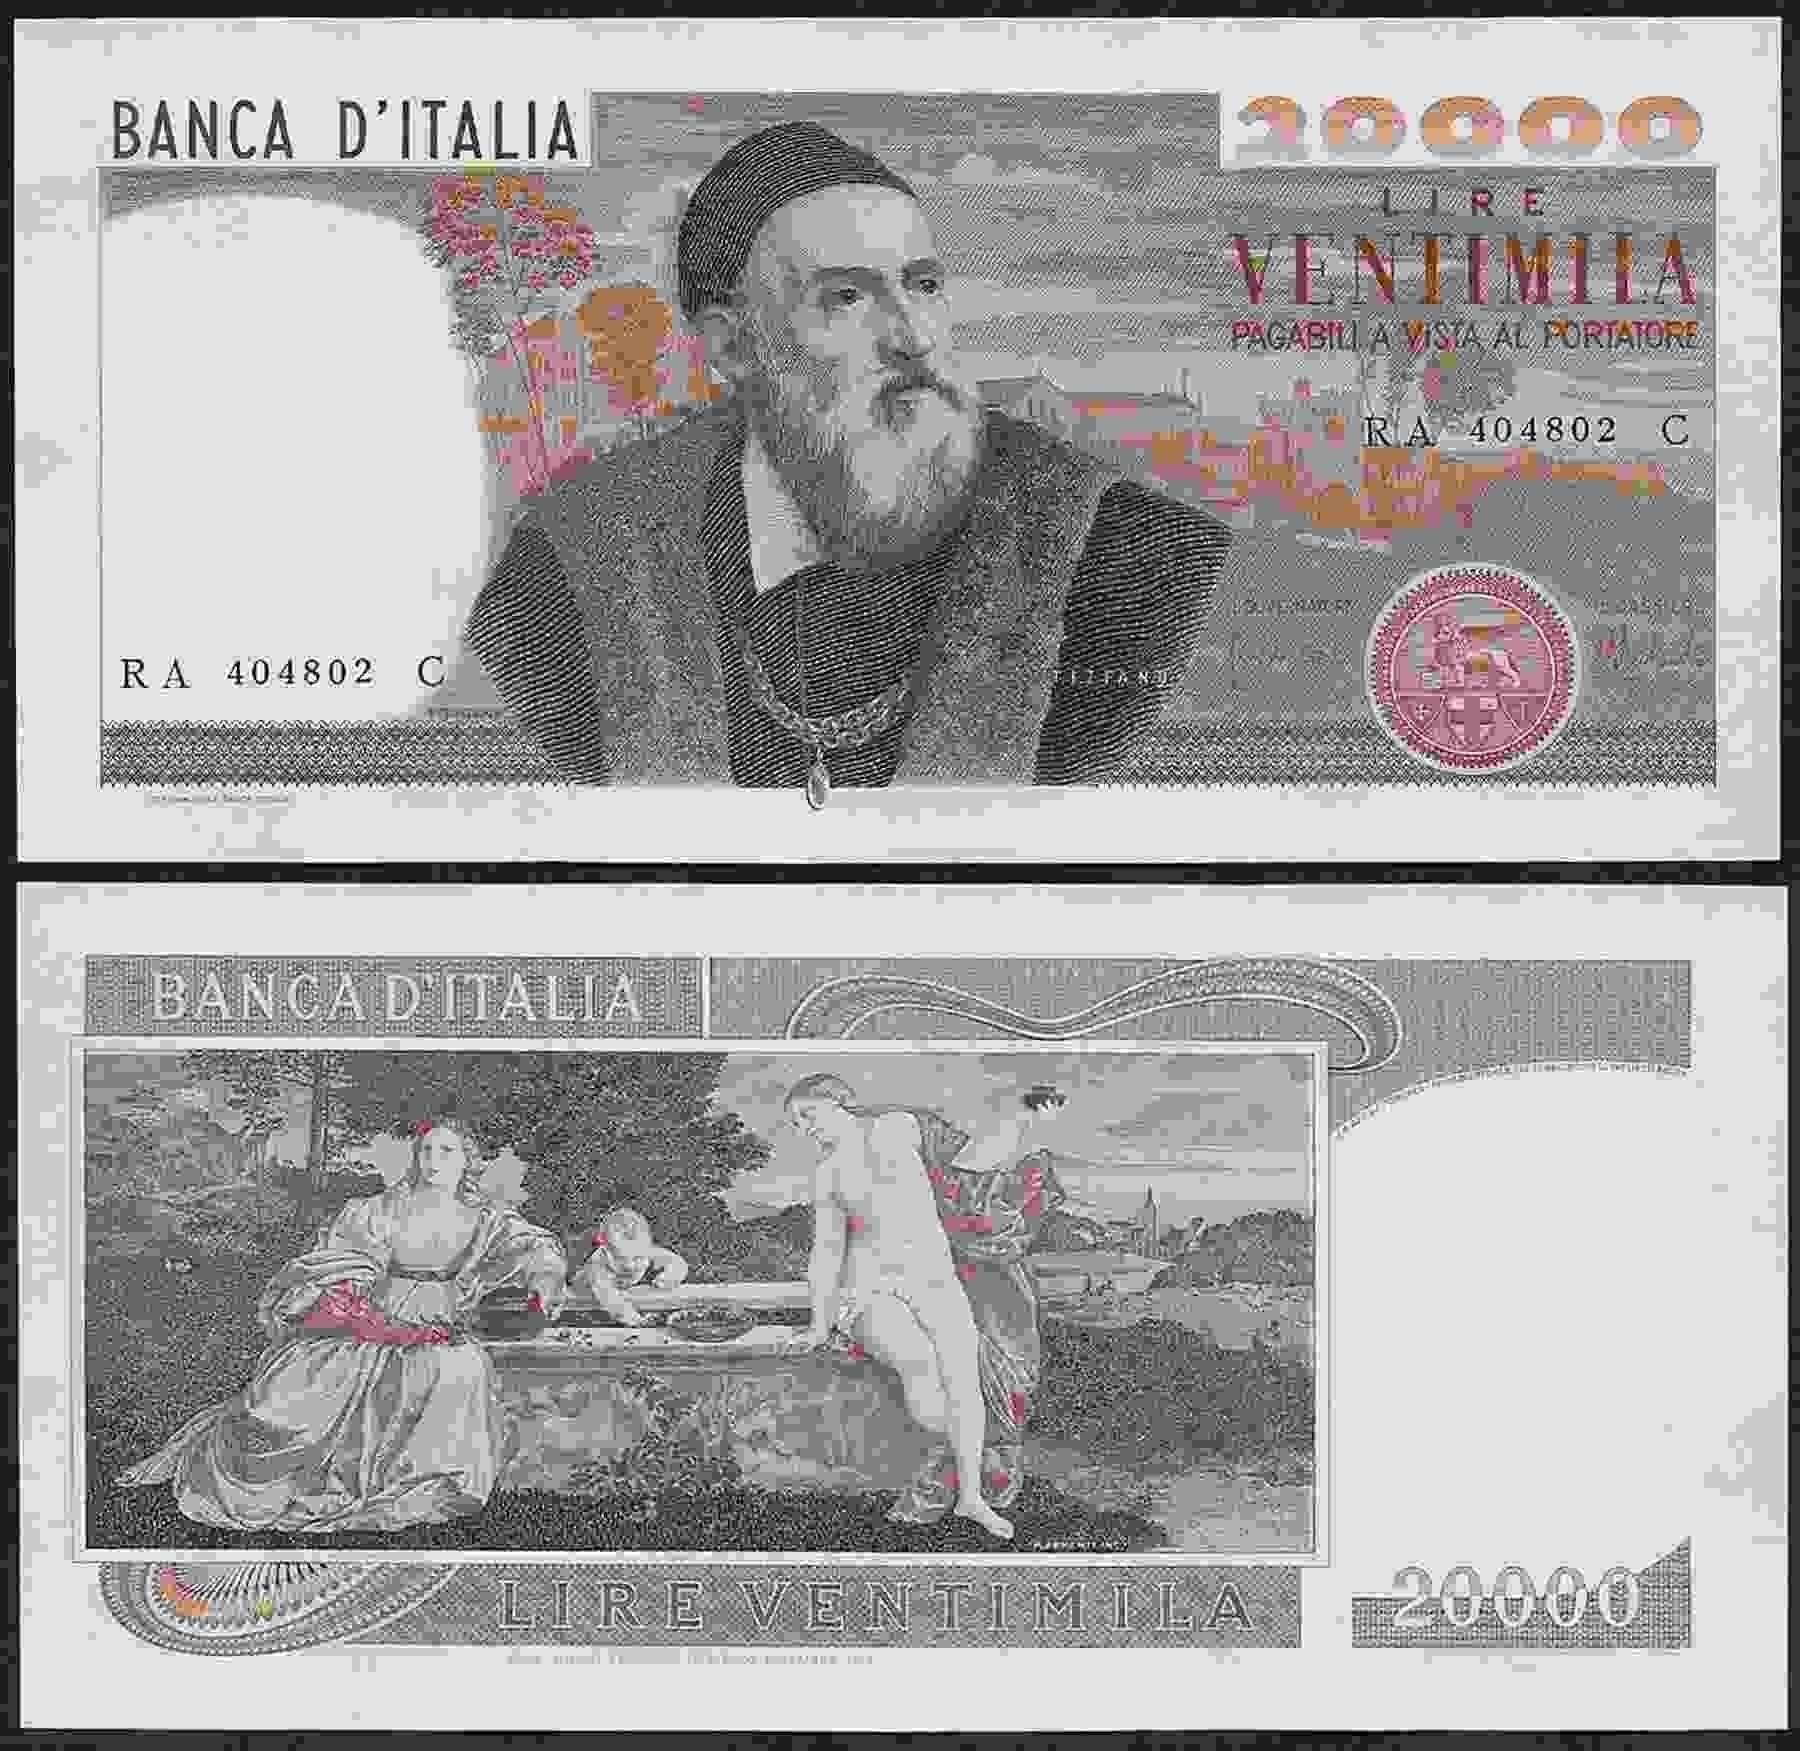 Banconote, dritto e rovescio delle 20mila lire